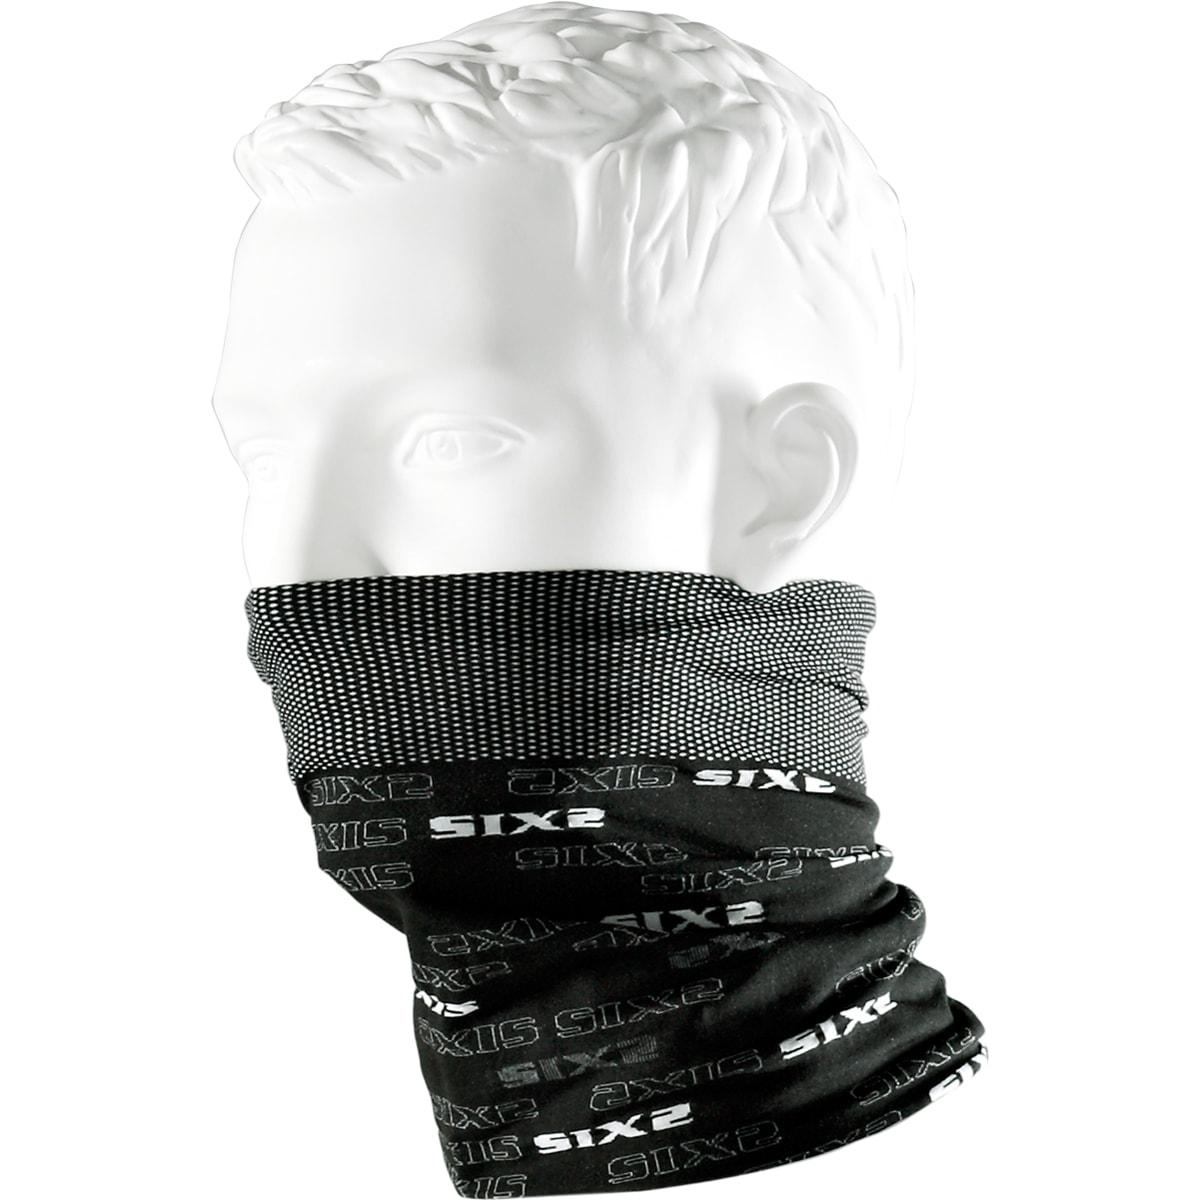 義大利 SIXS <br>機能碳頭頸巾 <br>碳纖黑 <br>TBX BLACK